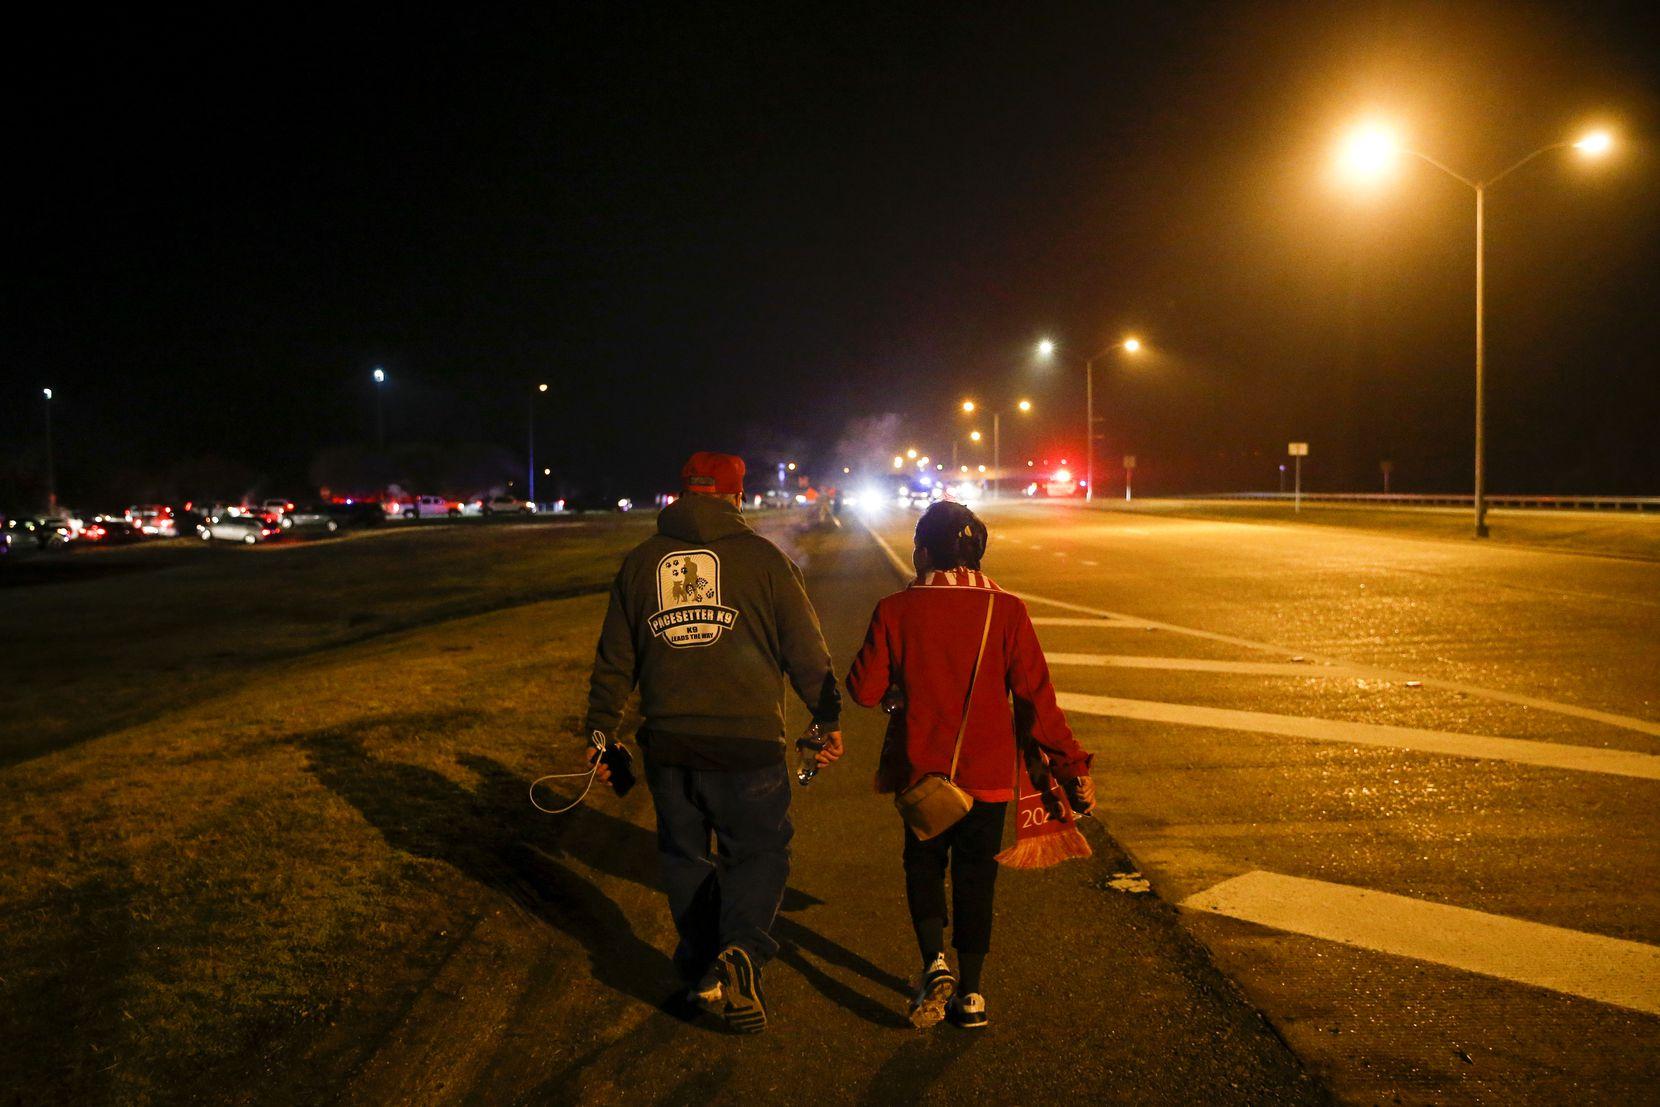 Après une journée de près de 18 heures, Martha Doss et son mari, Wesley, ont recherché leur chauffeur Uber pour quitter un rassemblement pour réélire le président Donald Trump à Bossier City, en Louisiane, le 14 novembre 2019.